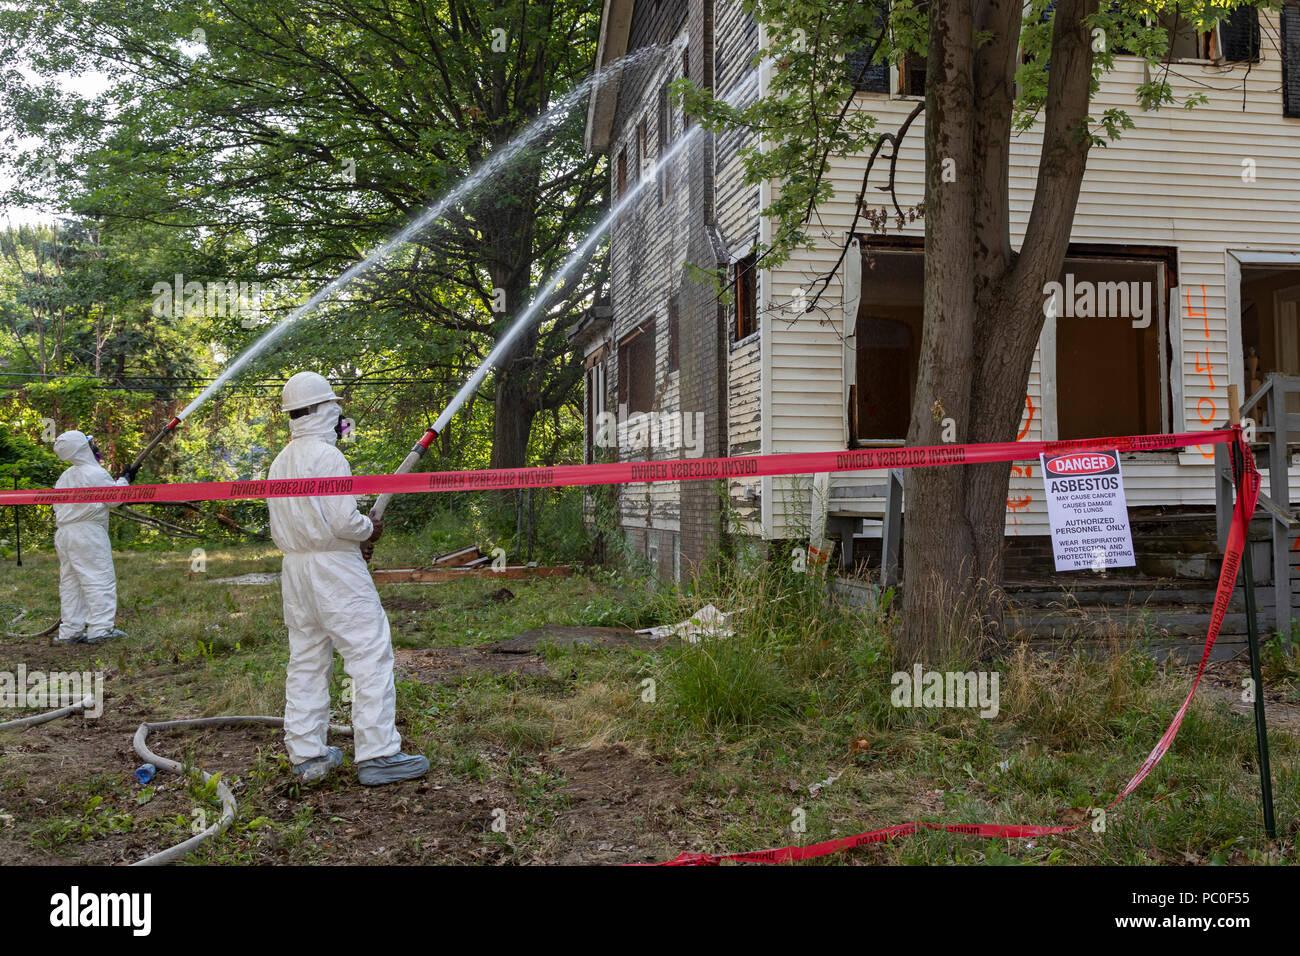 Detroit, Michigan - uso abbigliamento protettivo per la protezione contro l'esposizione all'amianto, lavoratori preparare per la demolizione di una casa abbandonata. Essi spruzzare acqua sul Immagini Stock